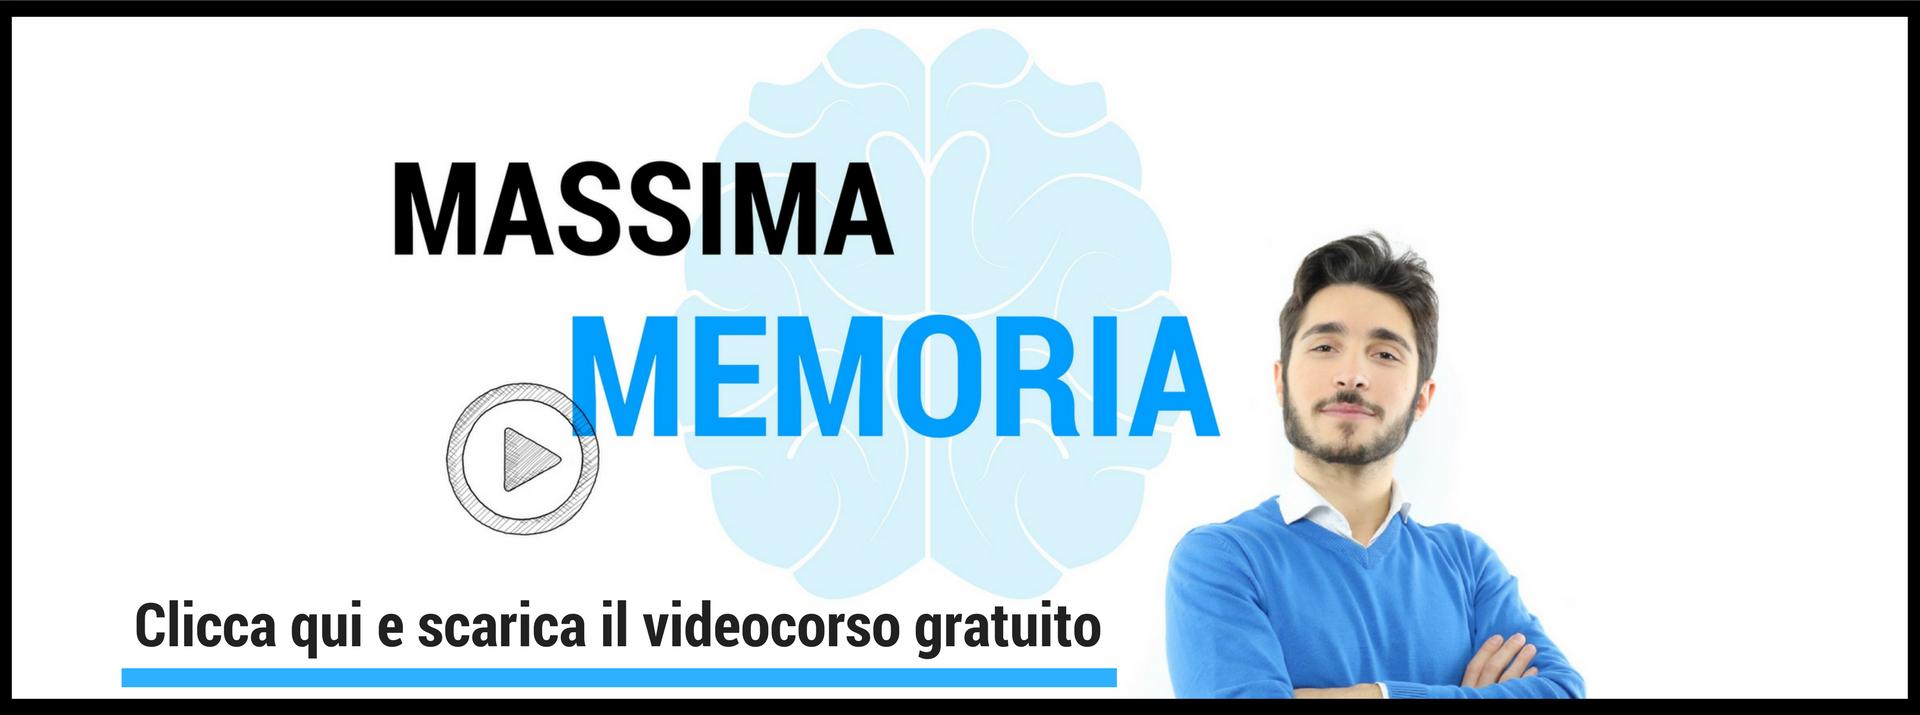 videocorso tecniche di memoria - giuseppe moriello - palazzo della memoria